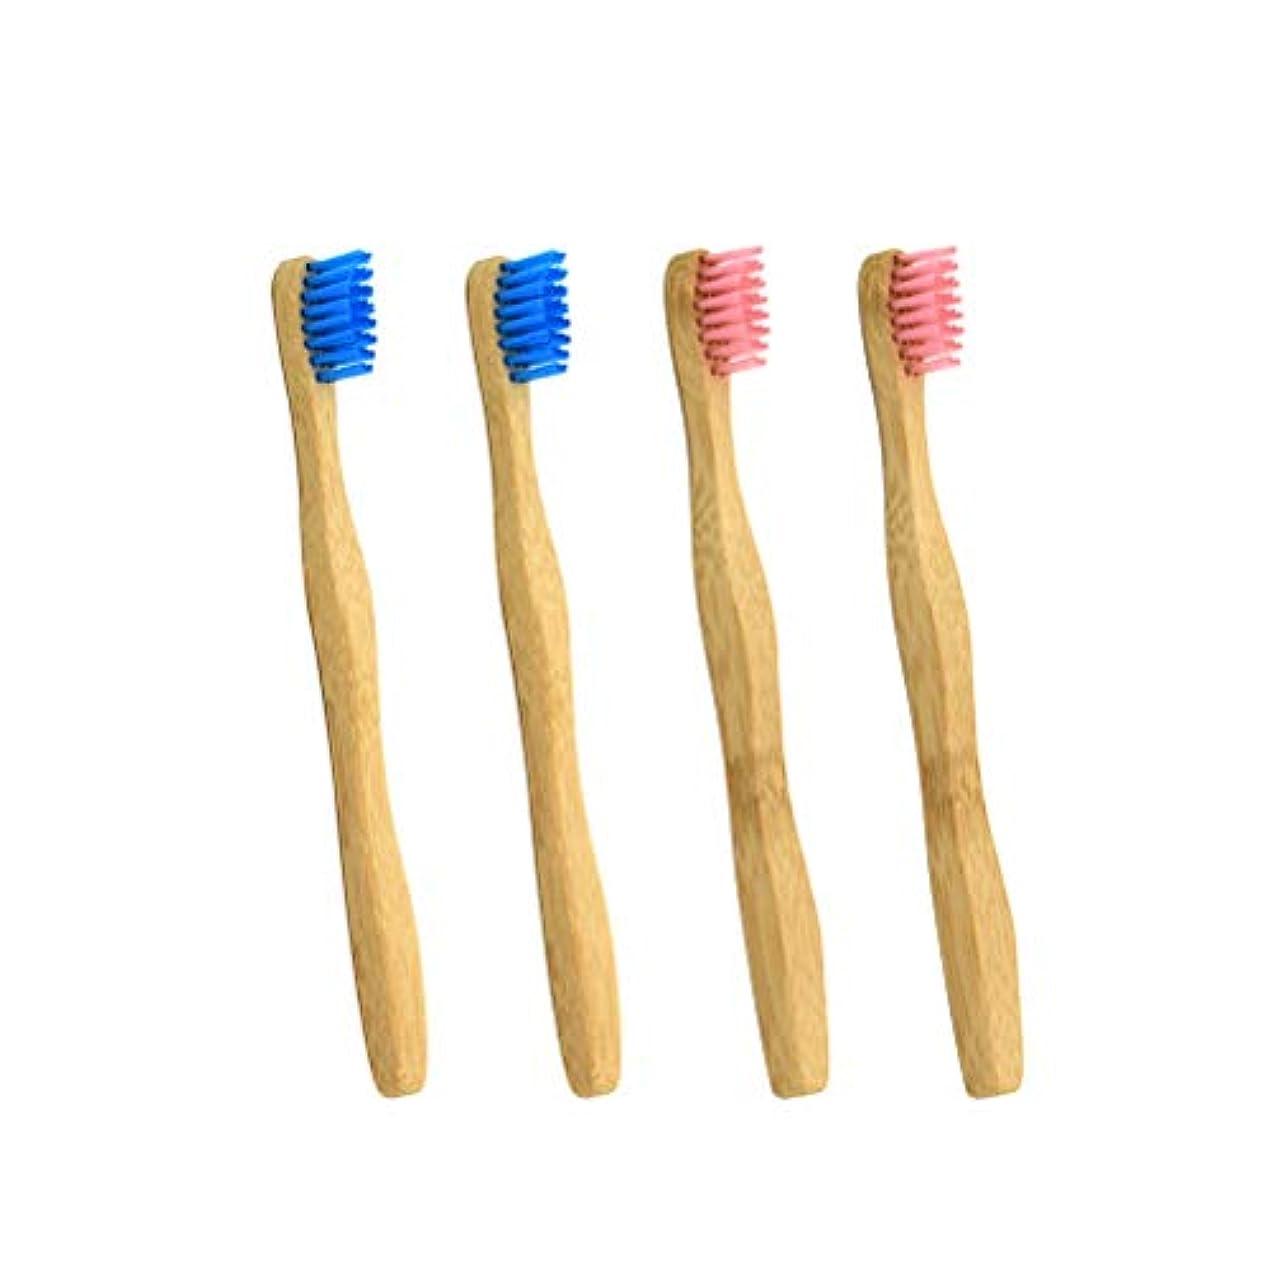 バタフライ穏やかな誰のSUPVOX 4本の子供の竹の歯ブラシ生分解性エコフレンドリーな歯ブラシ(ピンクとブルー各2本)